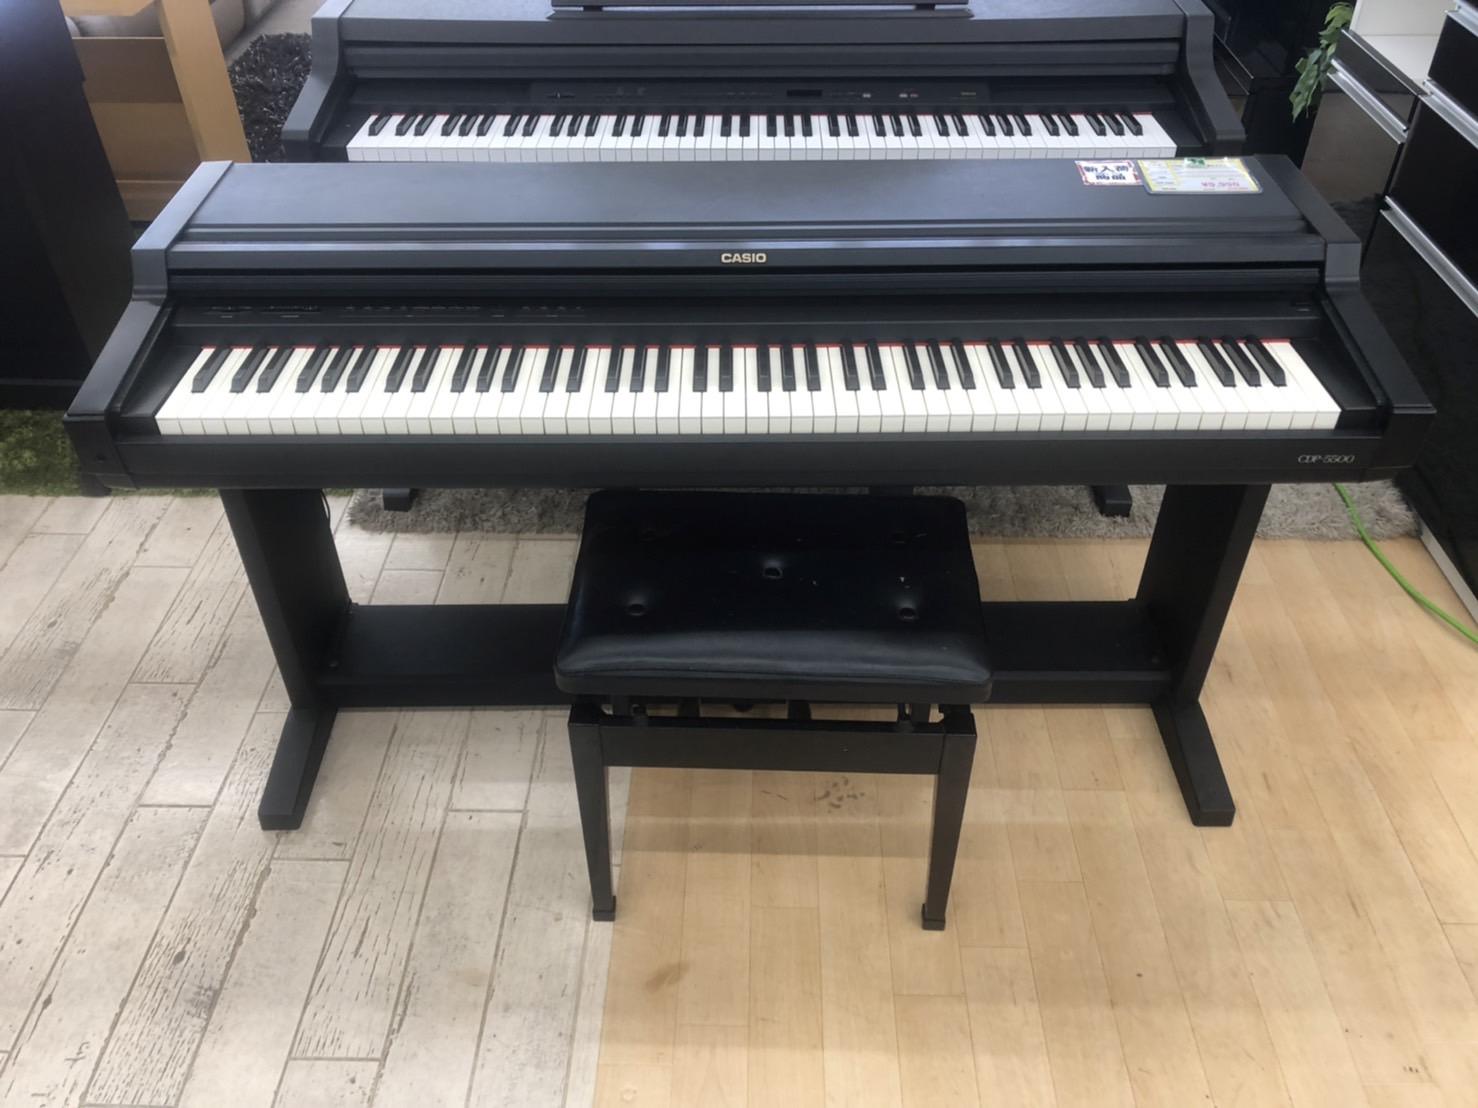 【CASIO/カシオ 定価 ¥65,000円 88鍵盤 電子ピアノ 電子キーボード CDP-5500】を買取りさせて頂きました。の買取-